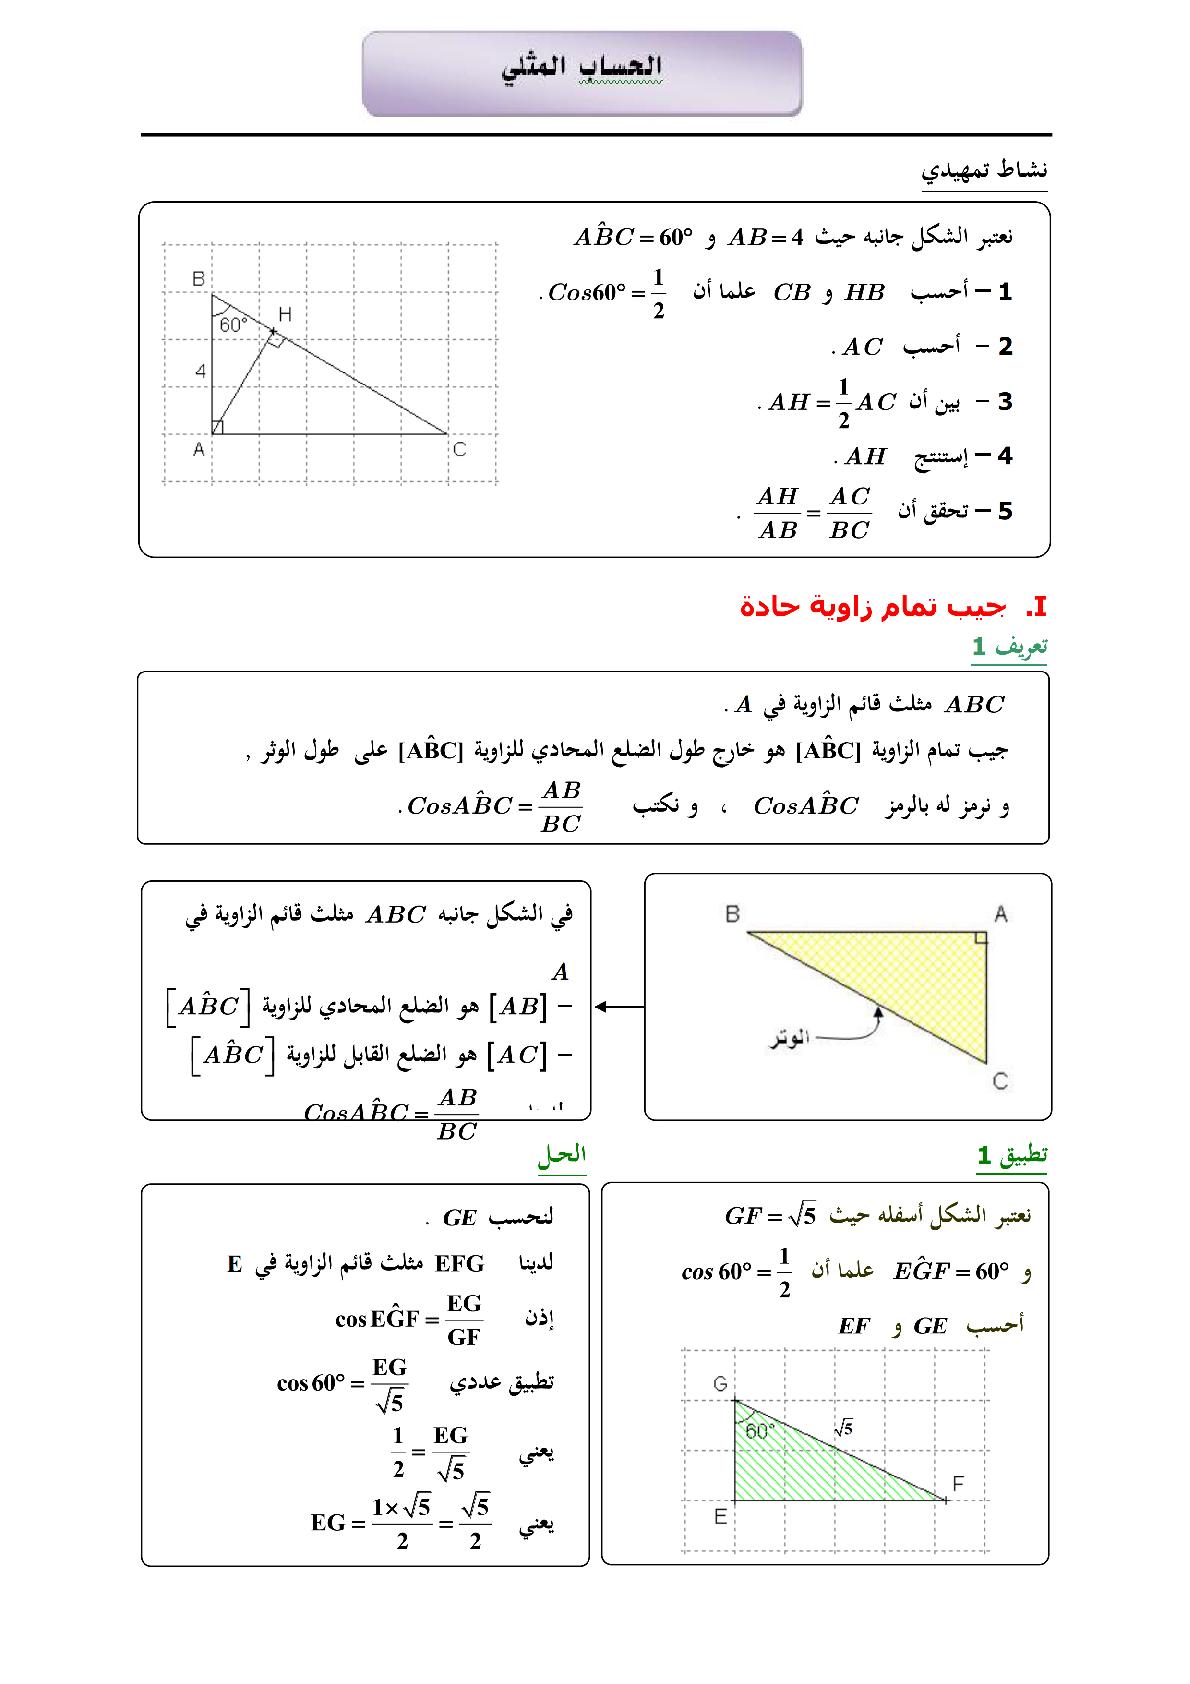 درس الحساب المثلثي للسنة الثالثة إعدادي